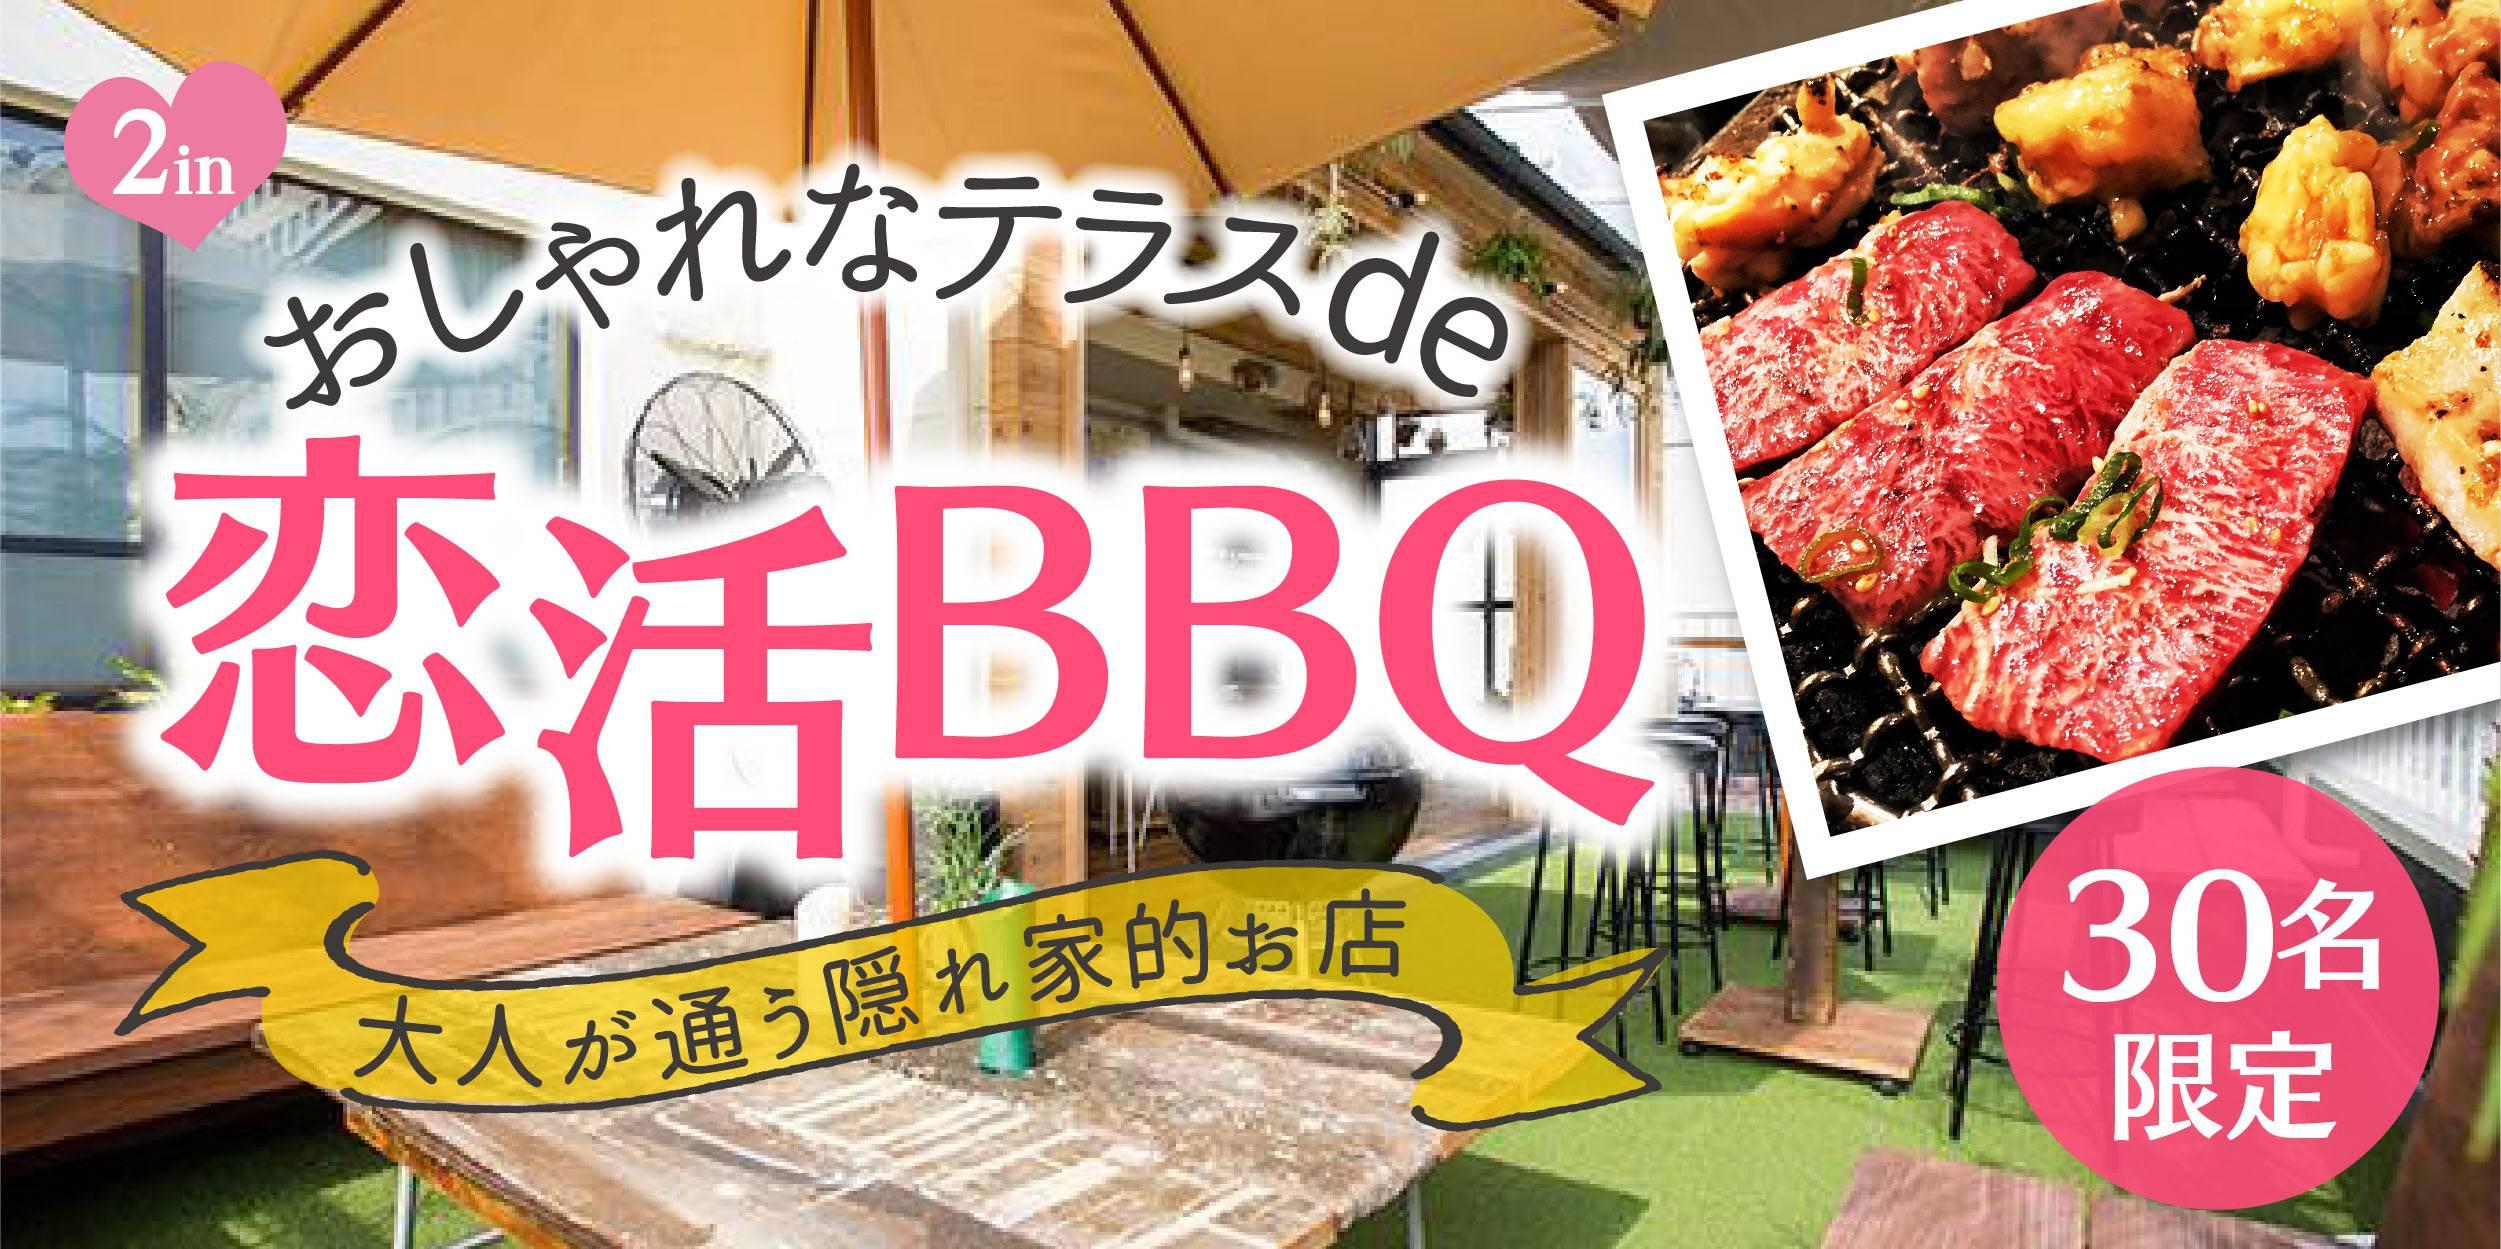 【表町・田町の恋活パーティー】合同会社ツイン主催 2017年6月4日